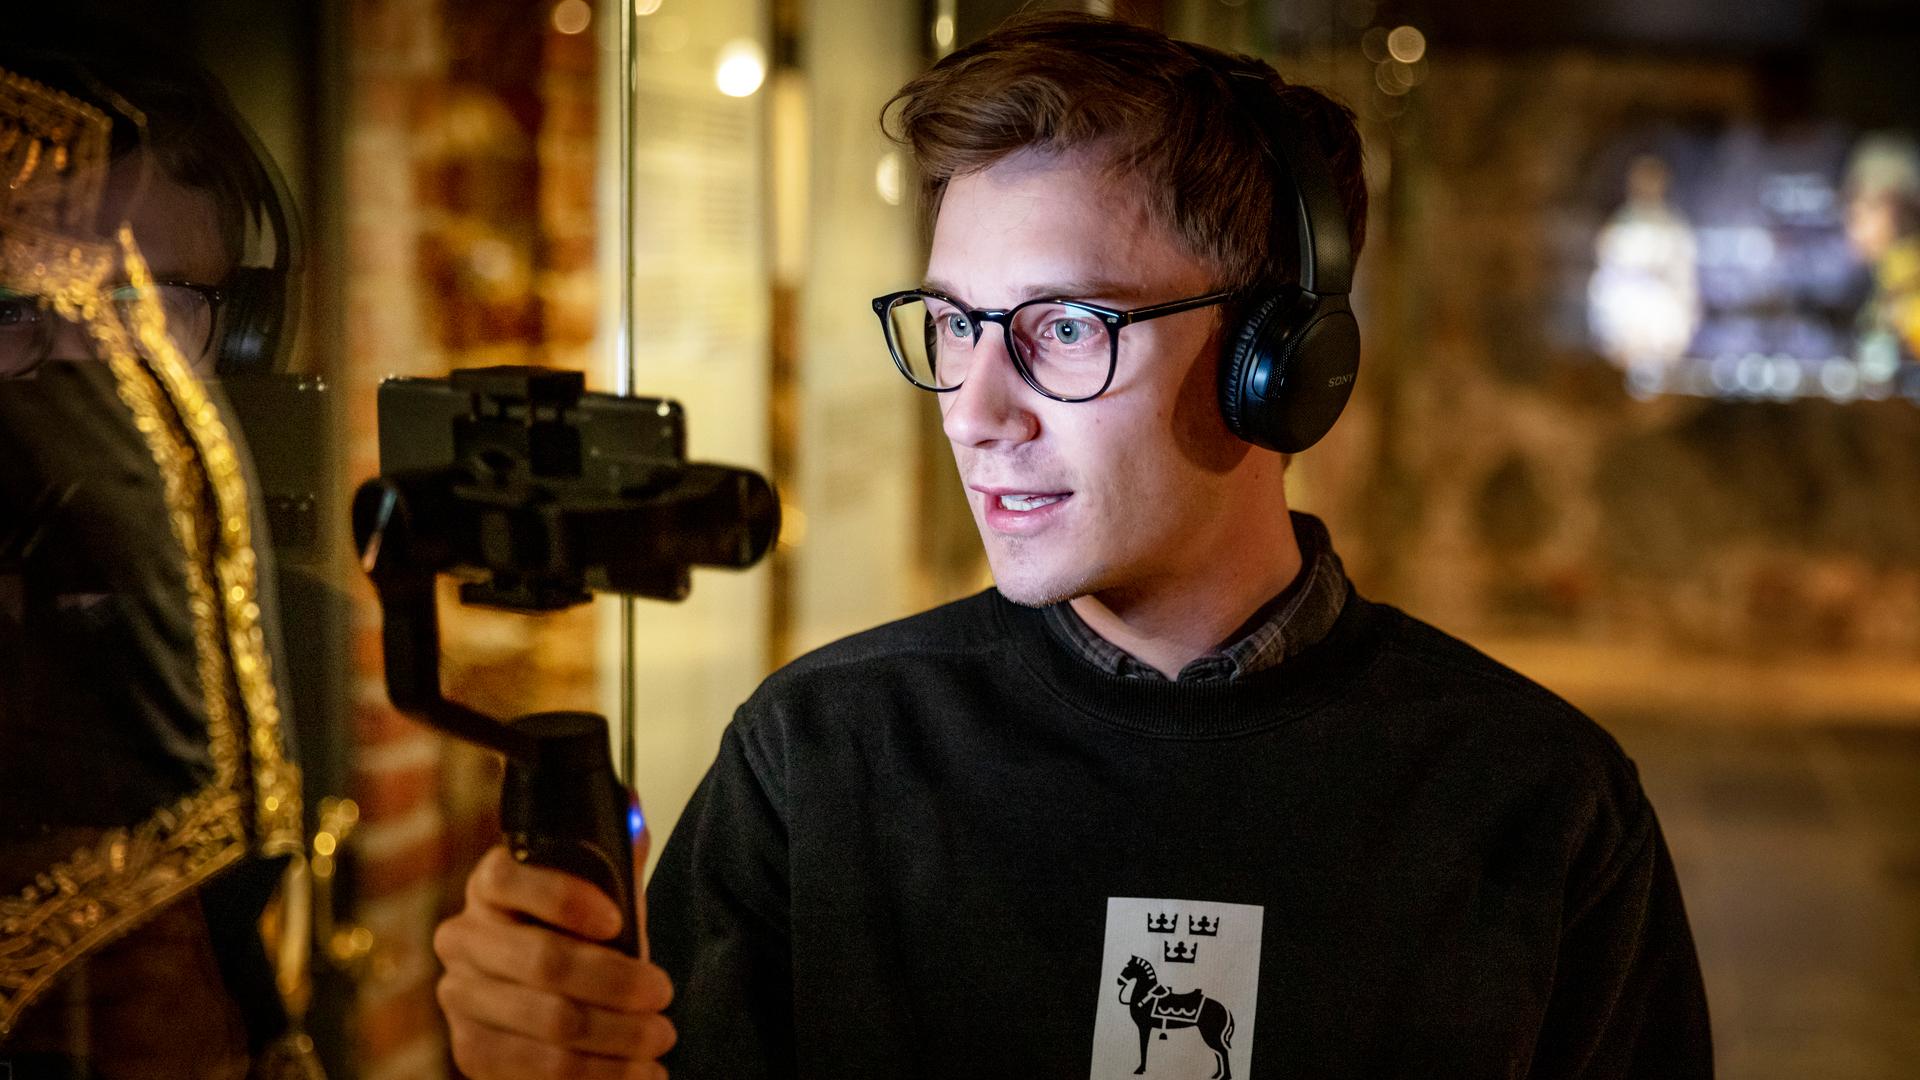 Skolpedagog som håller i en digital visning genom att hålla i en handkamera och visa runt i museet.